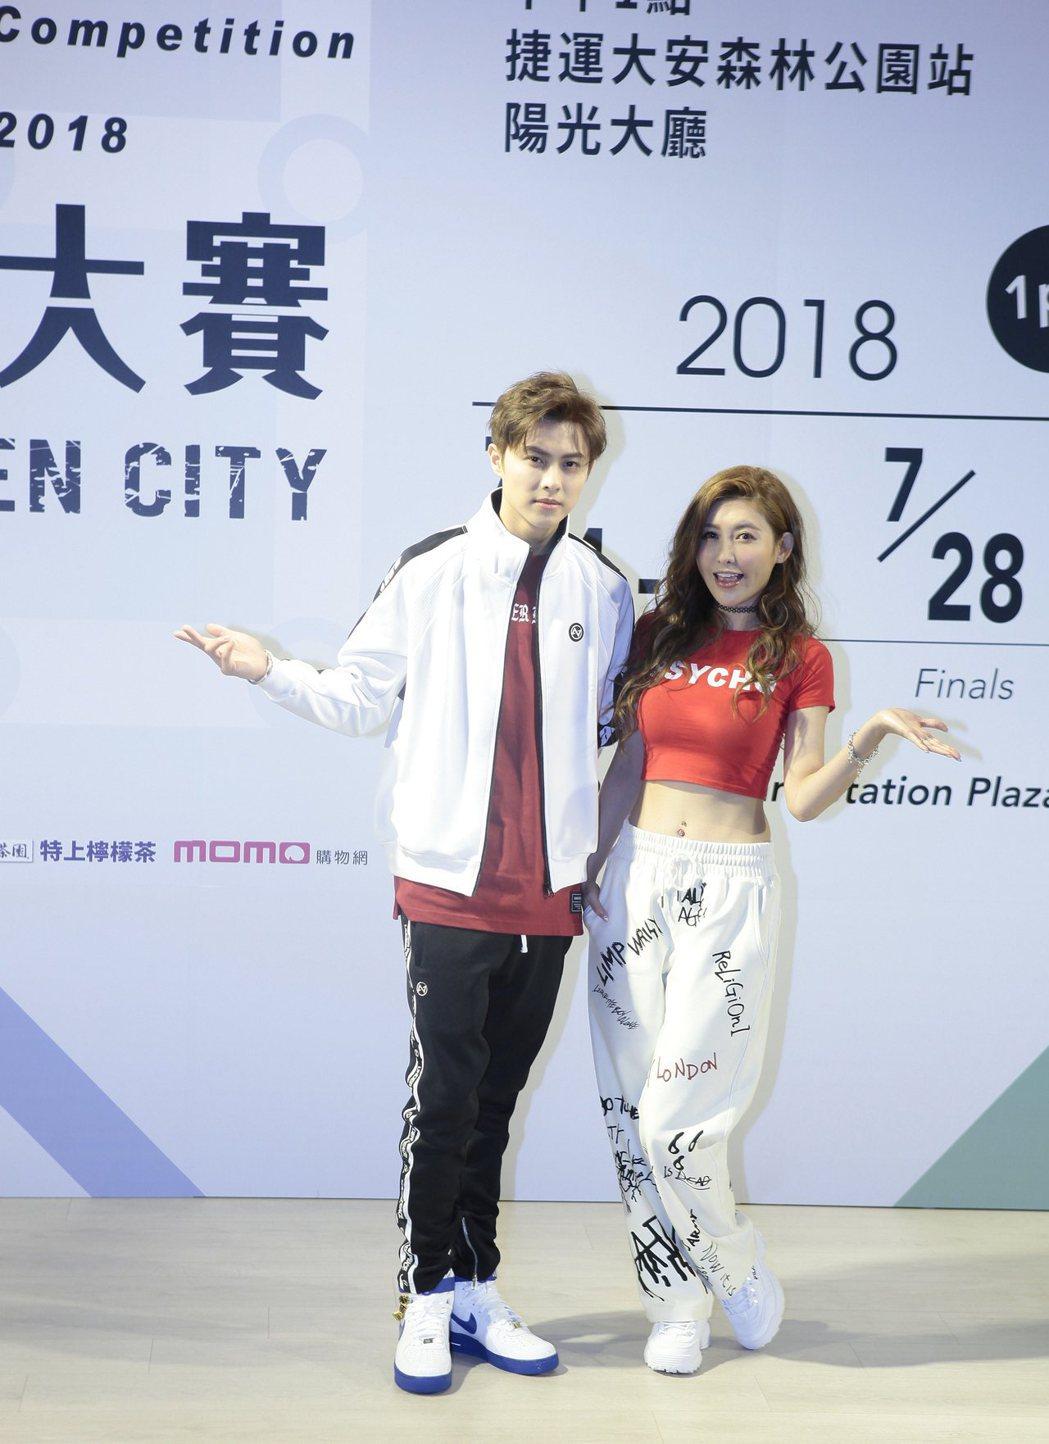 王子和愷樂代言「2018捷運盃捷客街舞大賽」。圖/新視紀提供